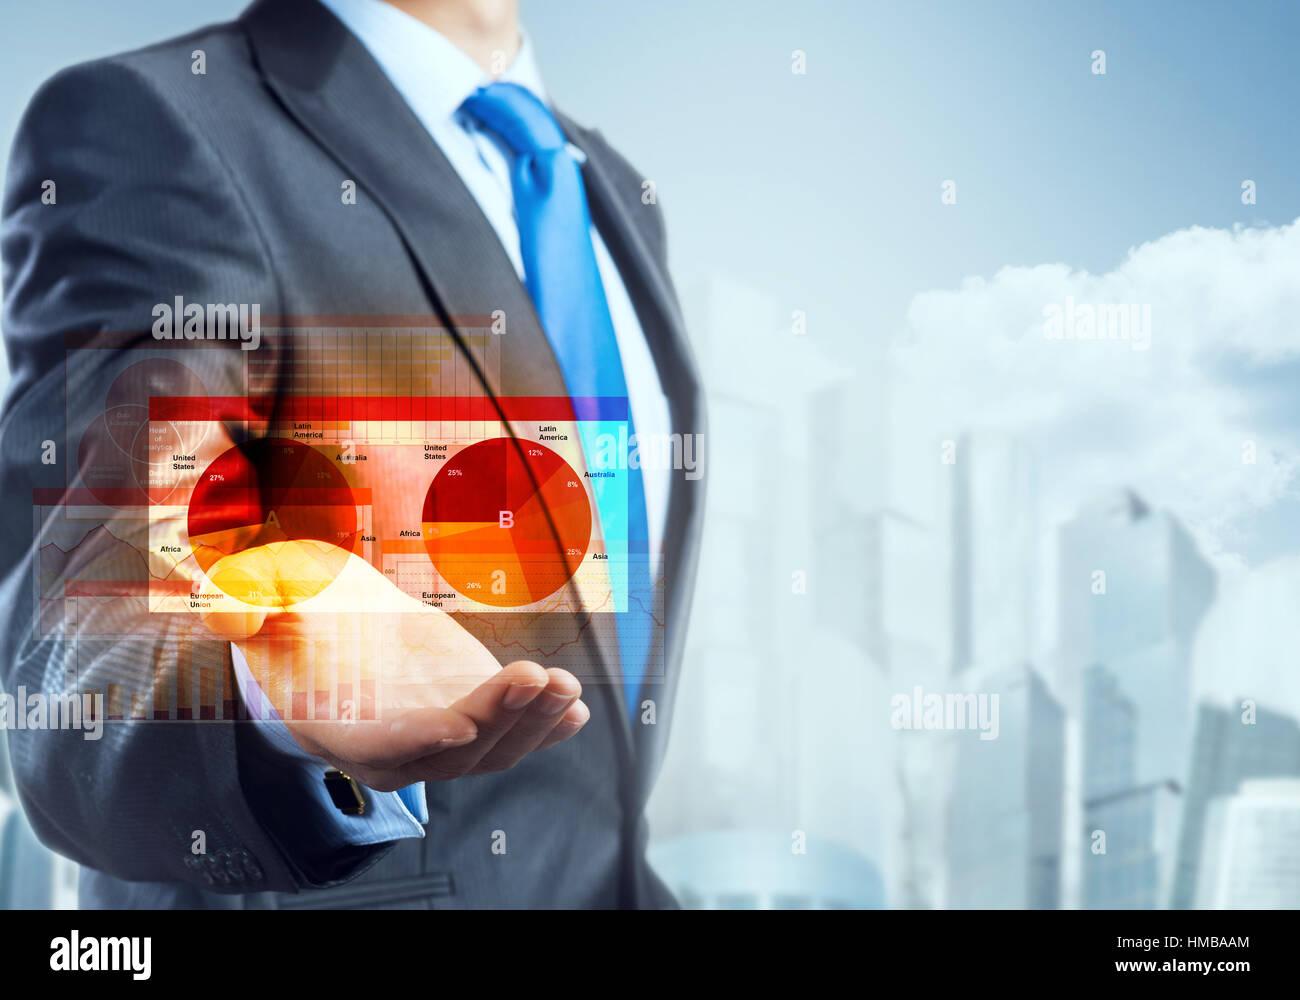 Tecnologie innovative per il business Immagini Stock